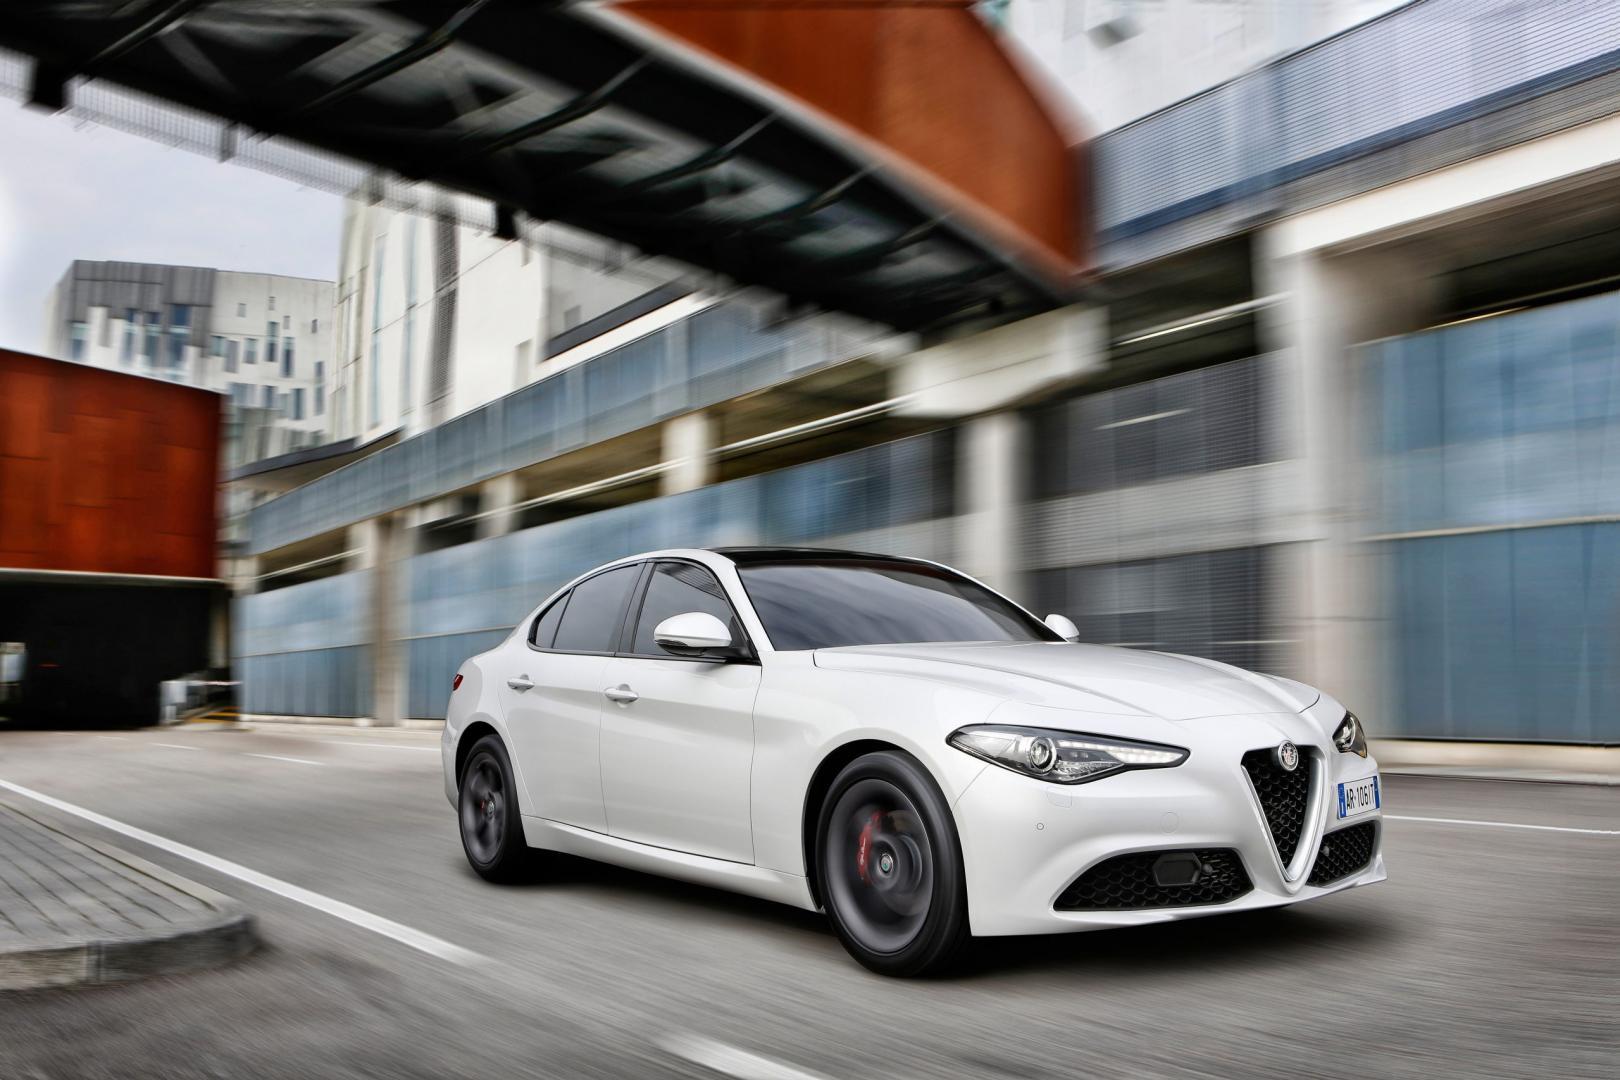 Alfa Romeo Giulia 2.2 JTD